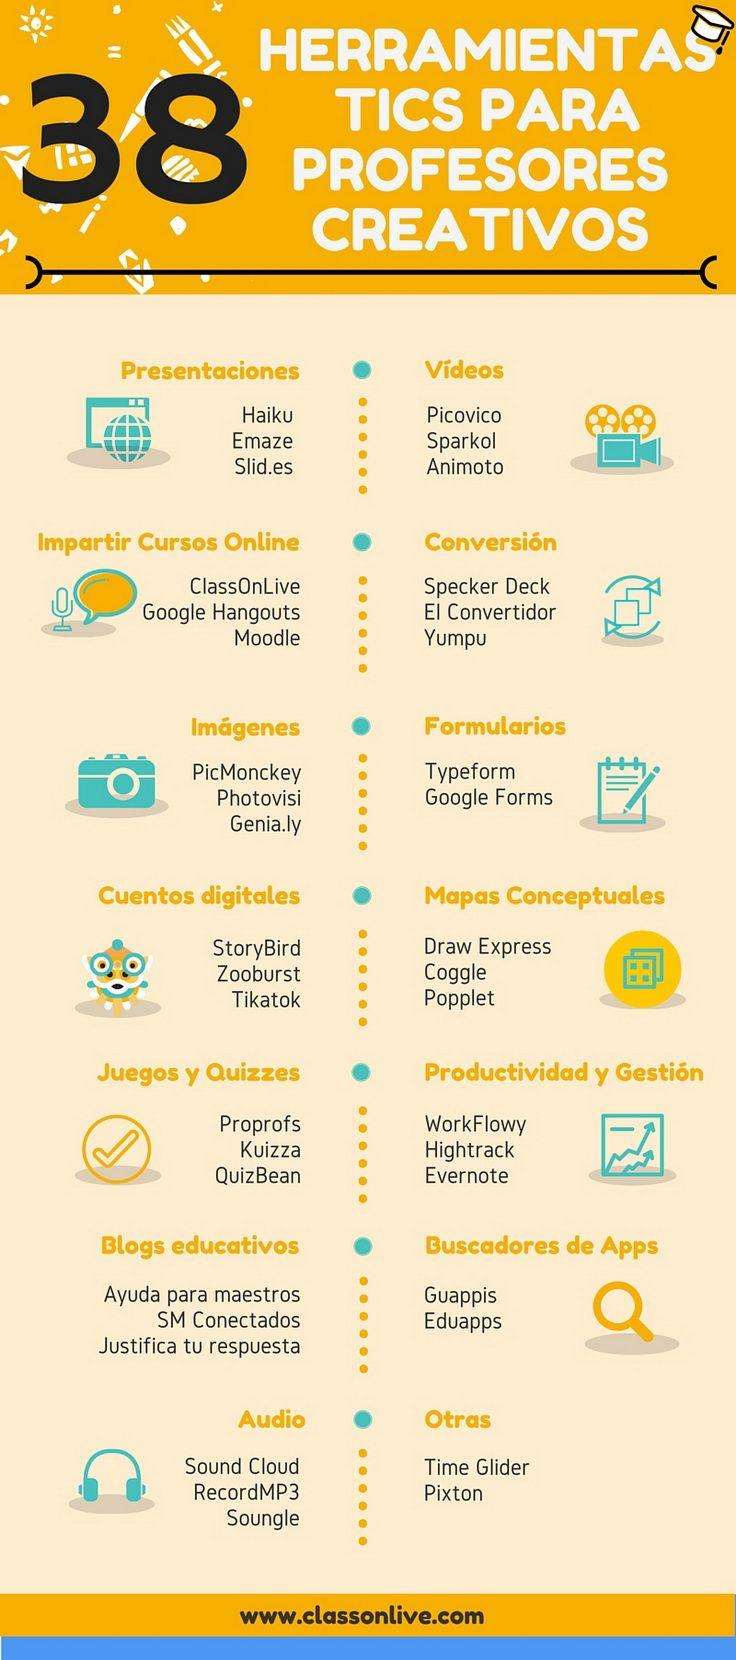 Mi pequeños aportes: 38 herramientas TIC paraprofesores creativos  Aquí te dejo una infografía con 38 herramientas TICs para profesores creativos. #Educacion #Tecnologia #Infografia